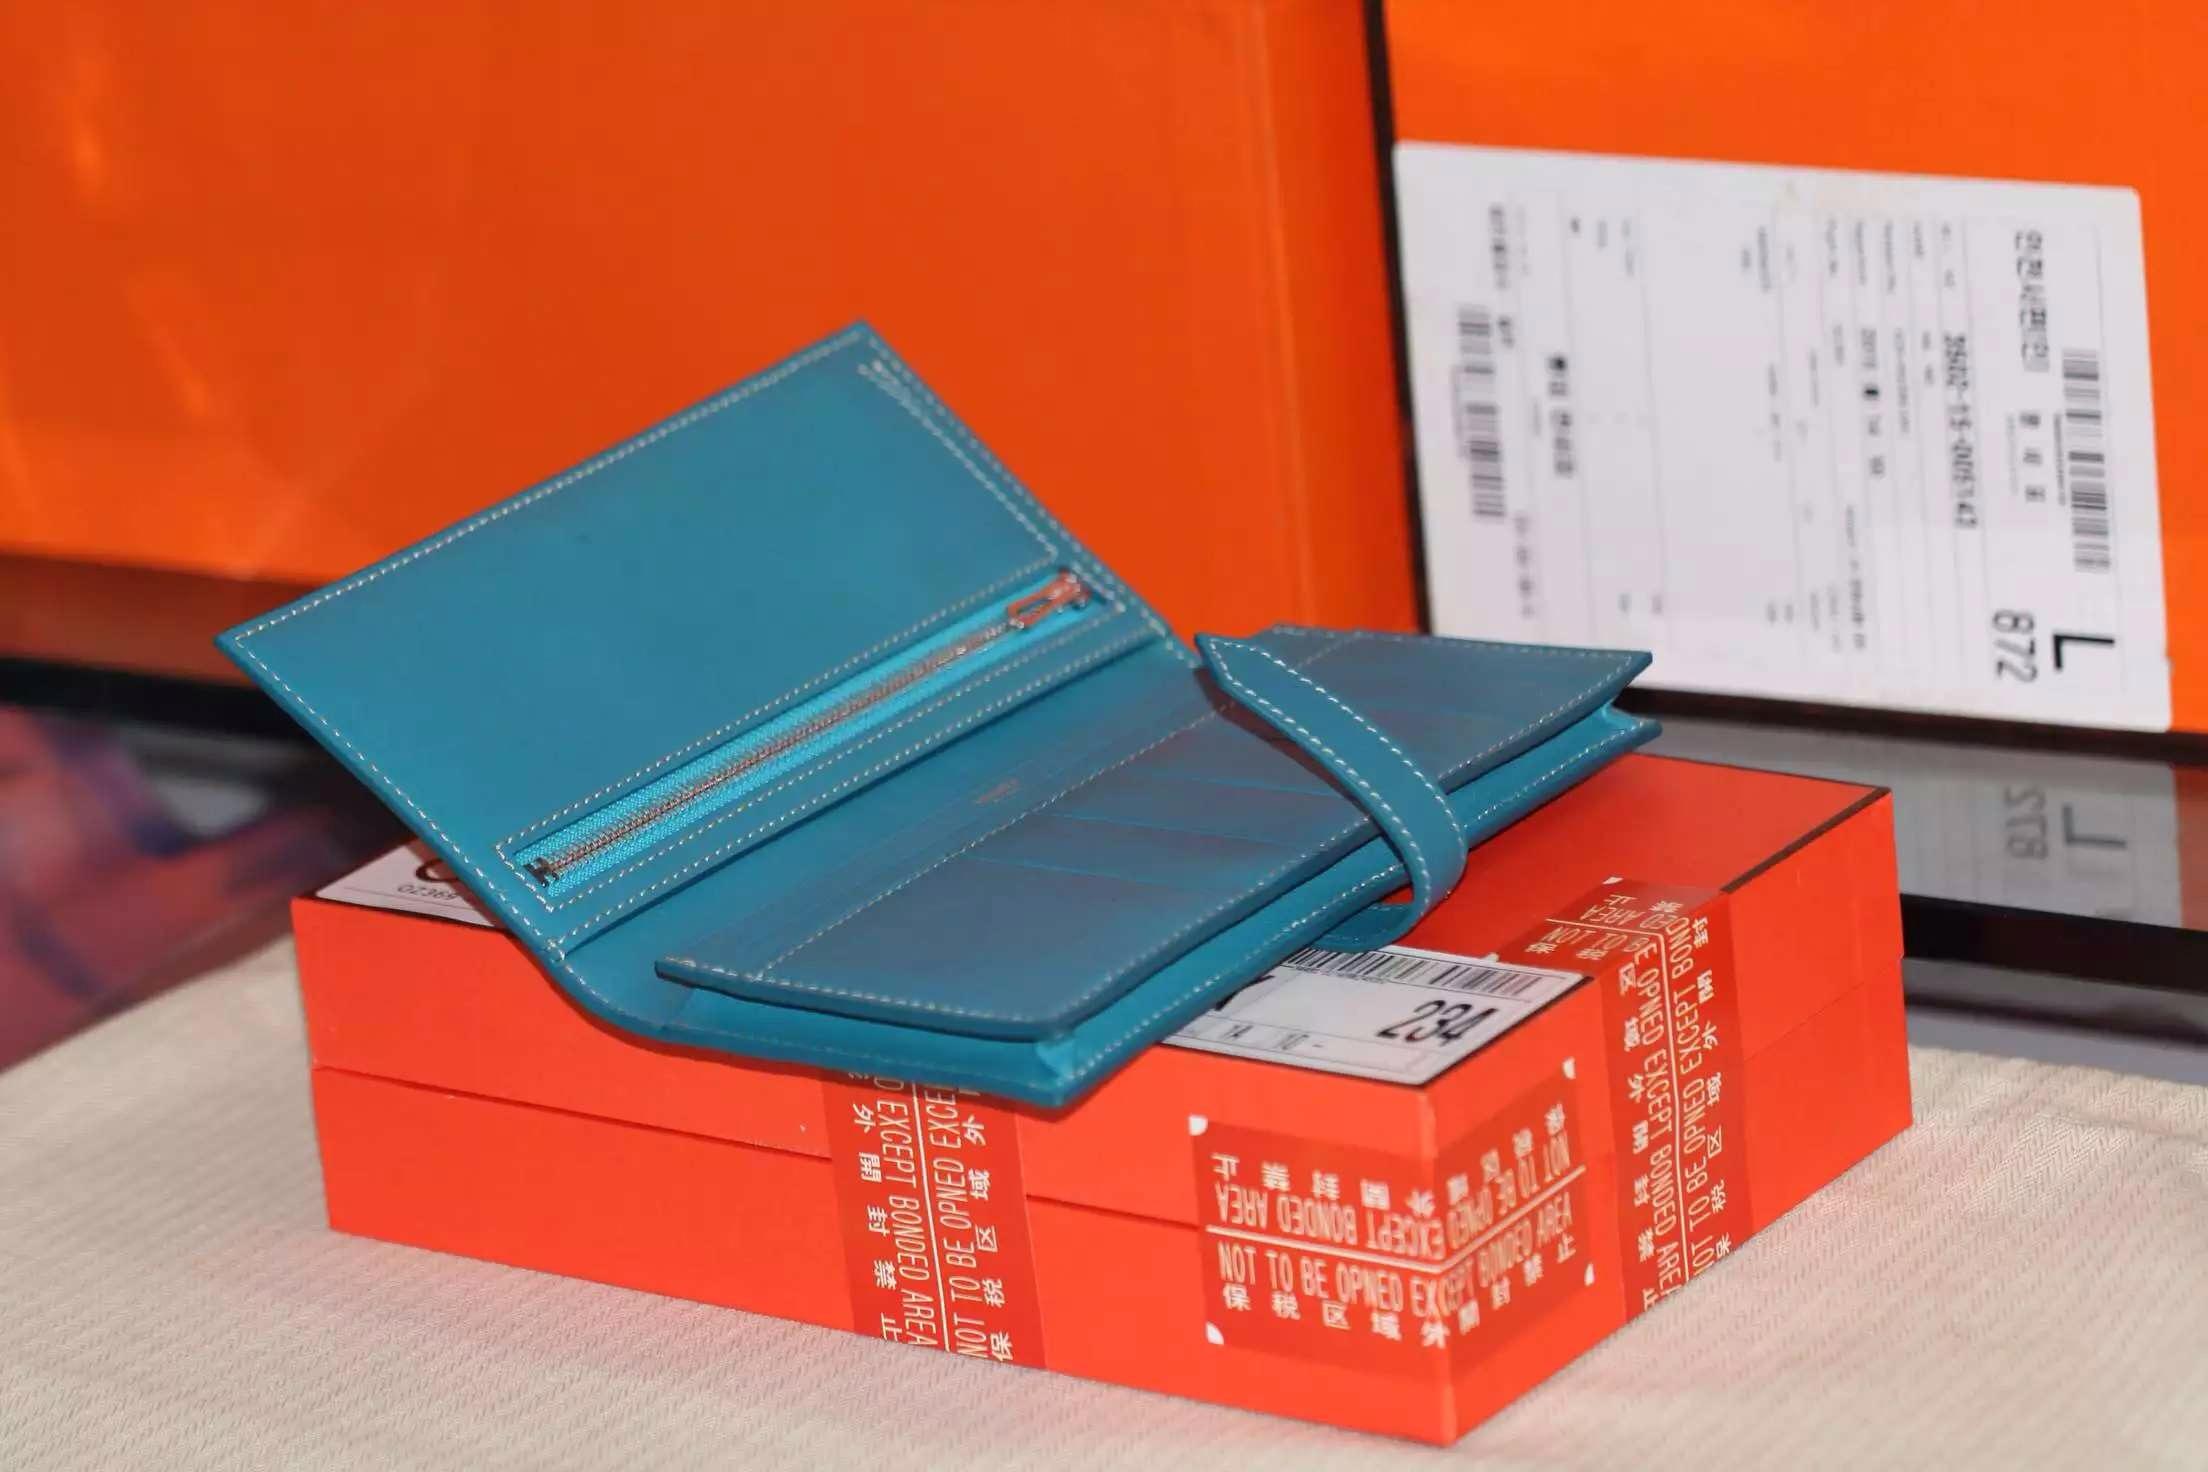 Hermes 7L Blue De Maite Swift Leather Bean Wallet Women's Long Purse 19CM